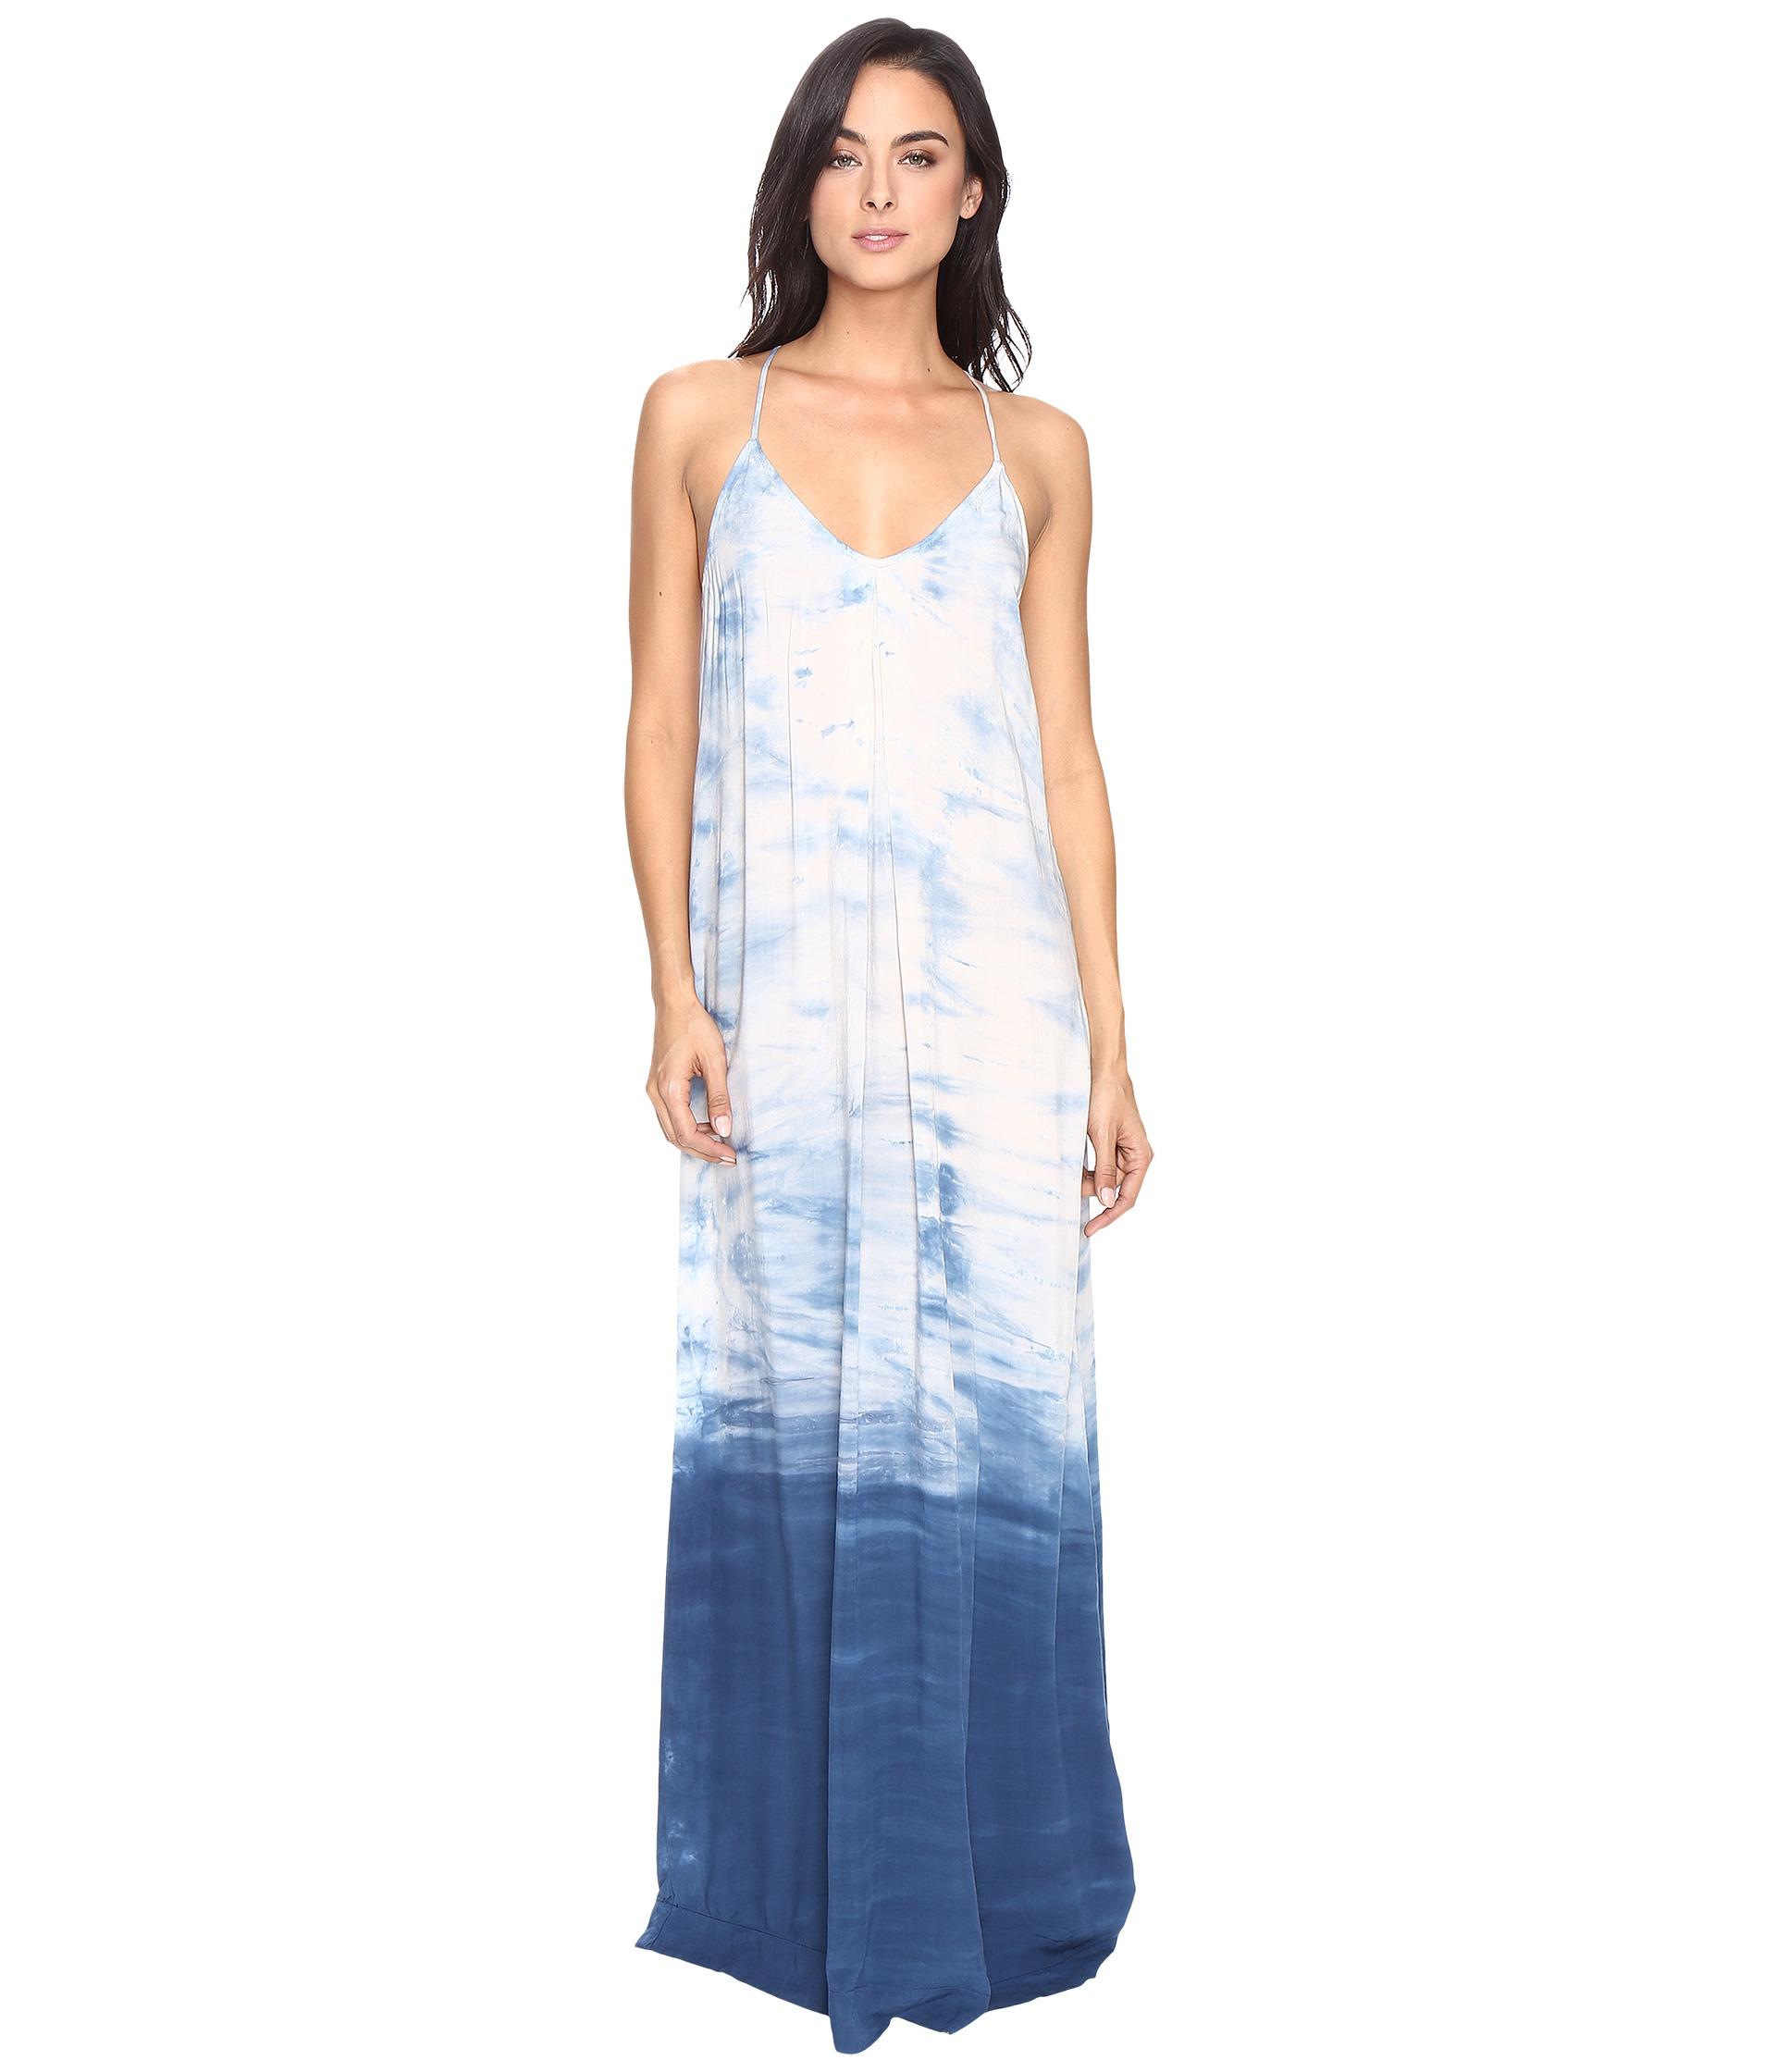 Allen b maxi dress